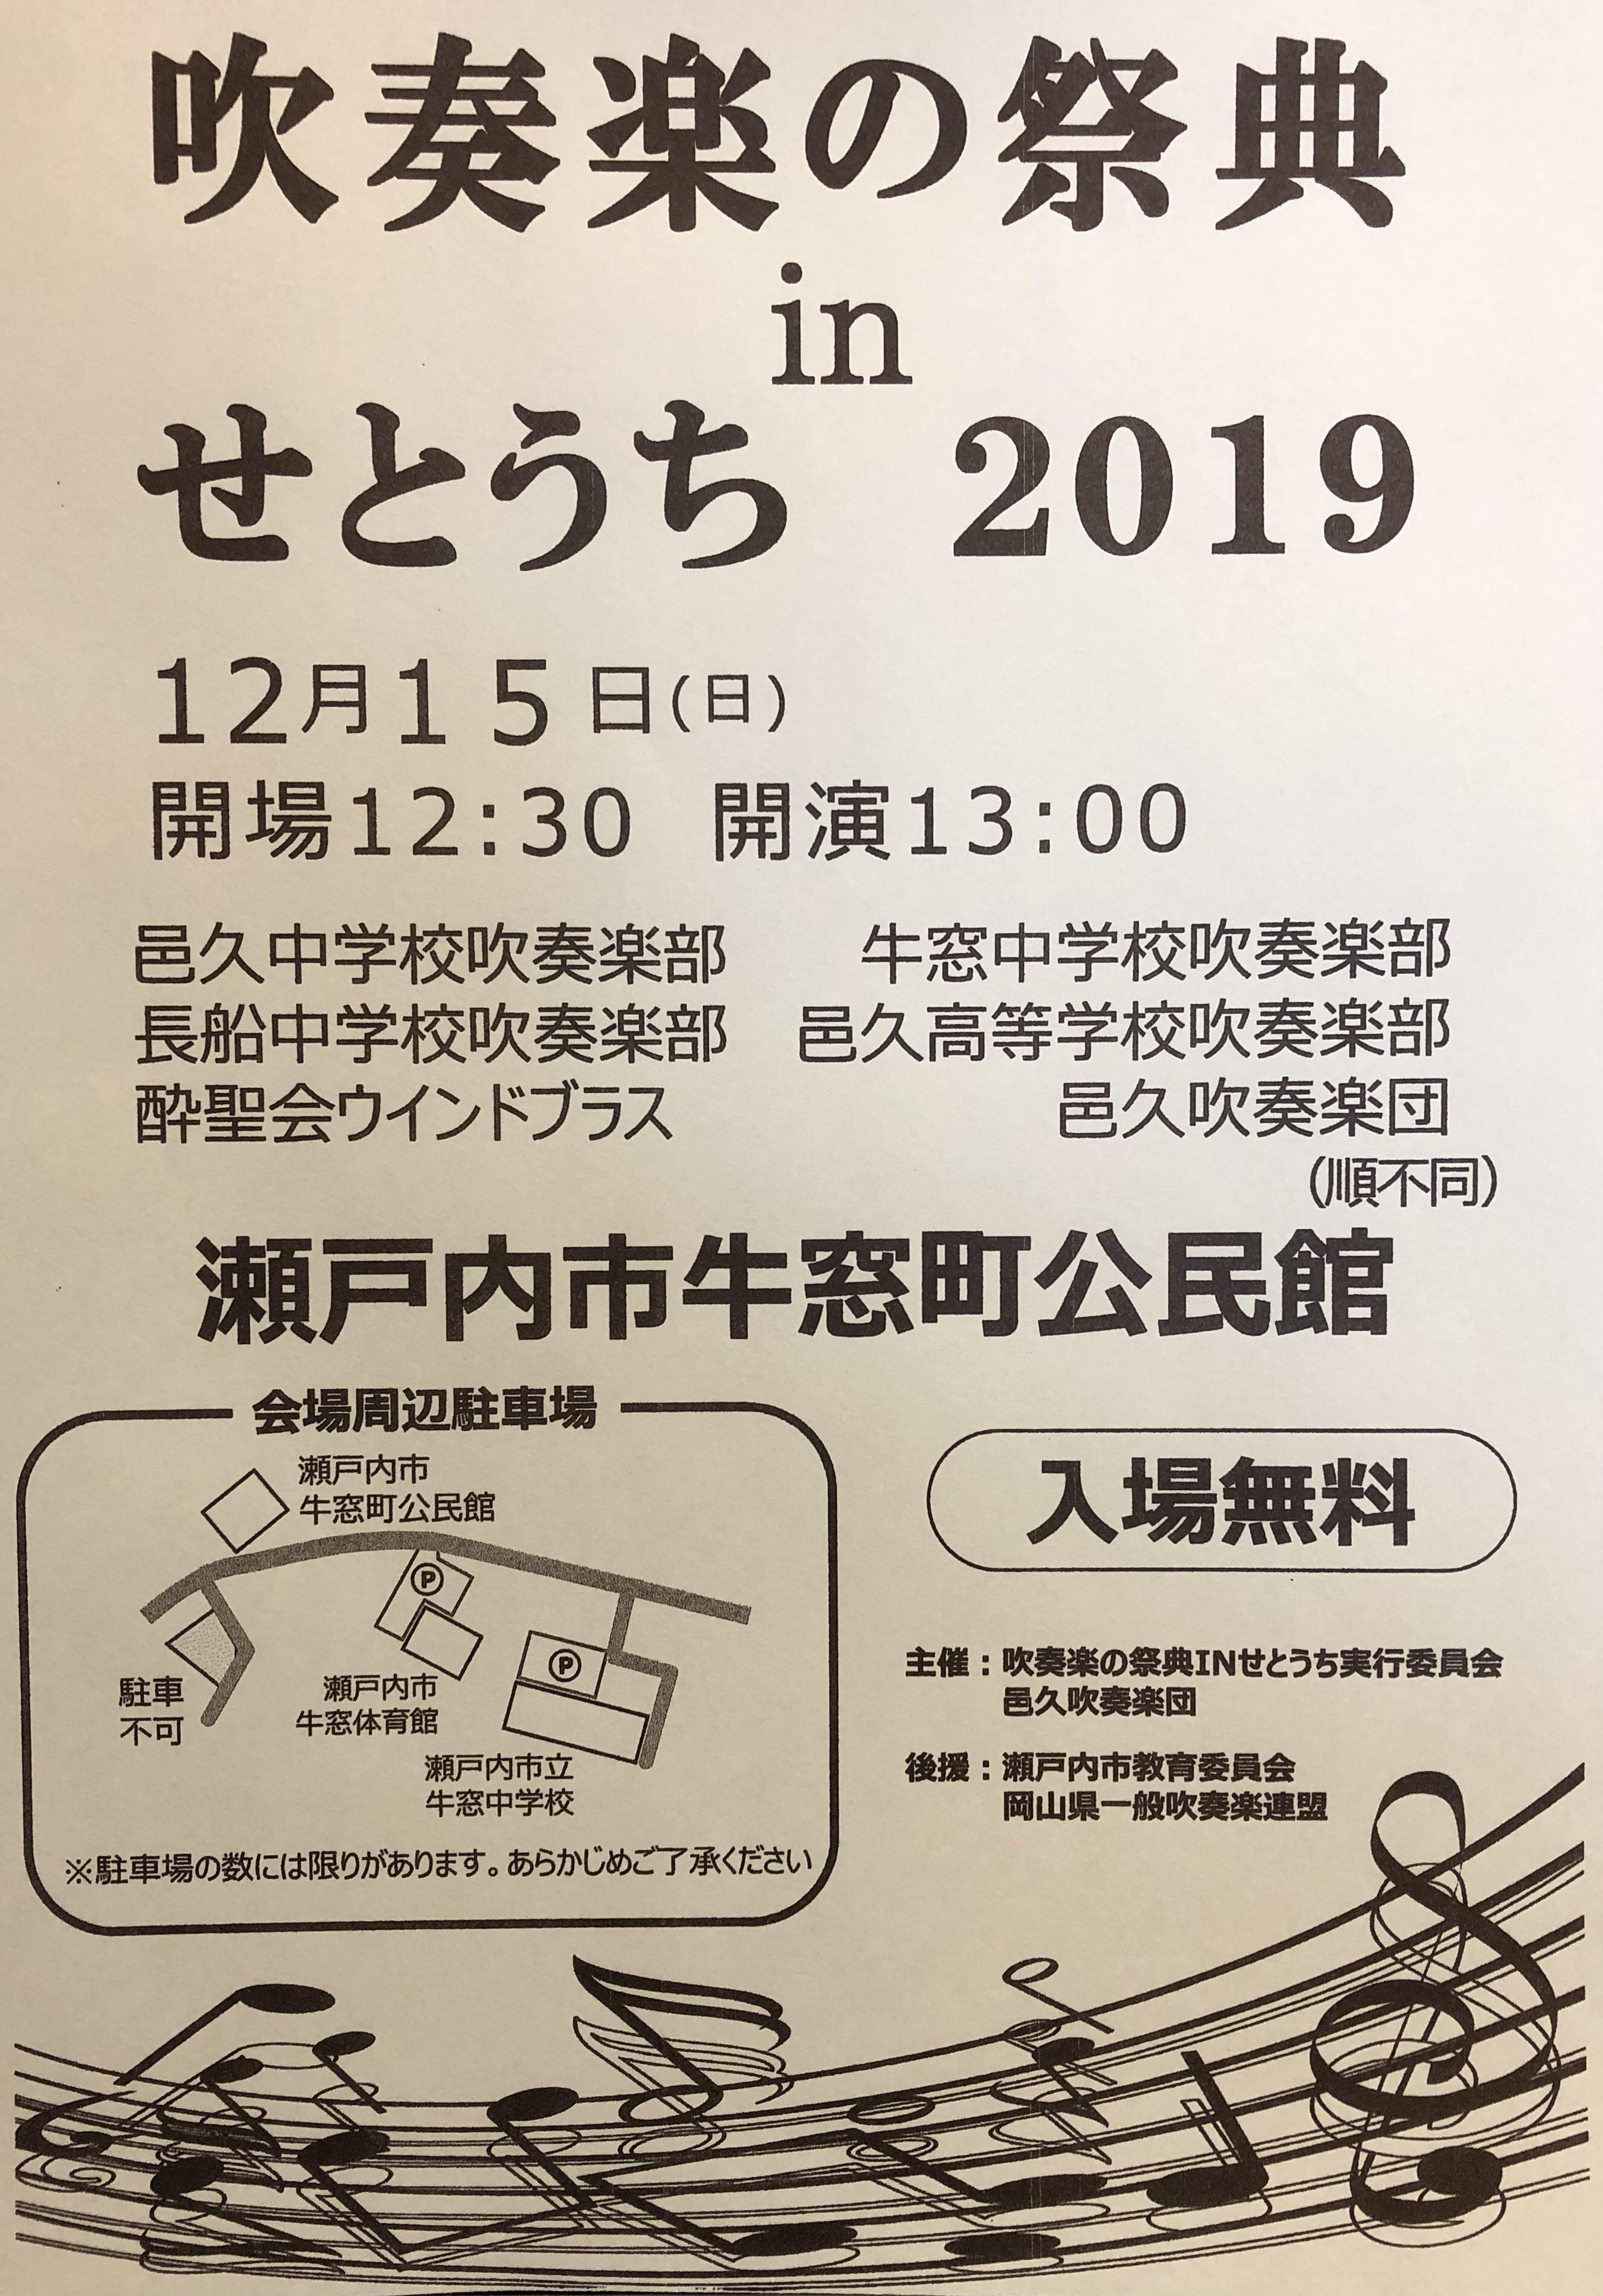 岡山 県 中学校 吹奏楽 連盟